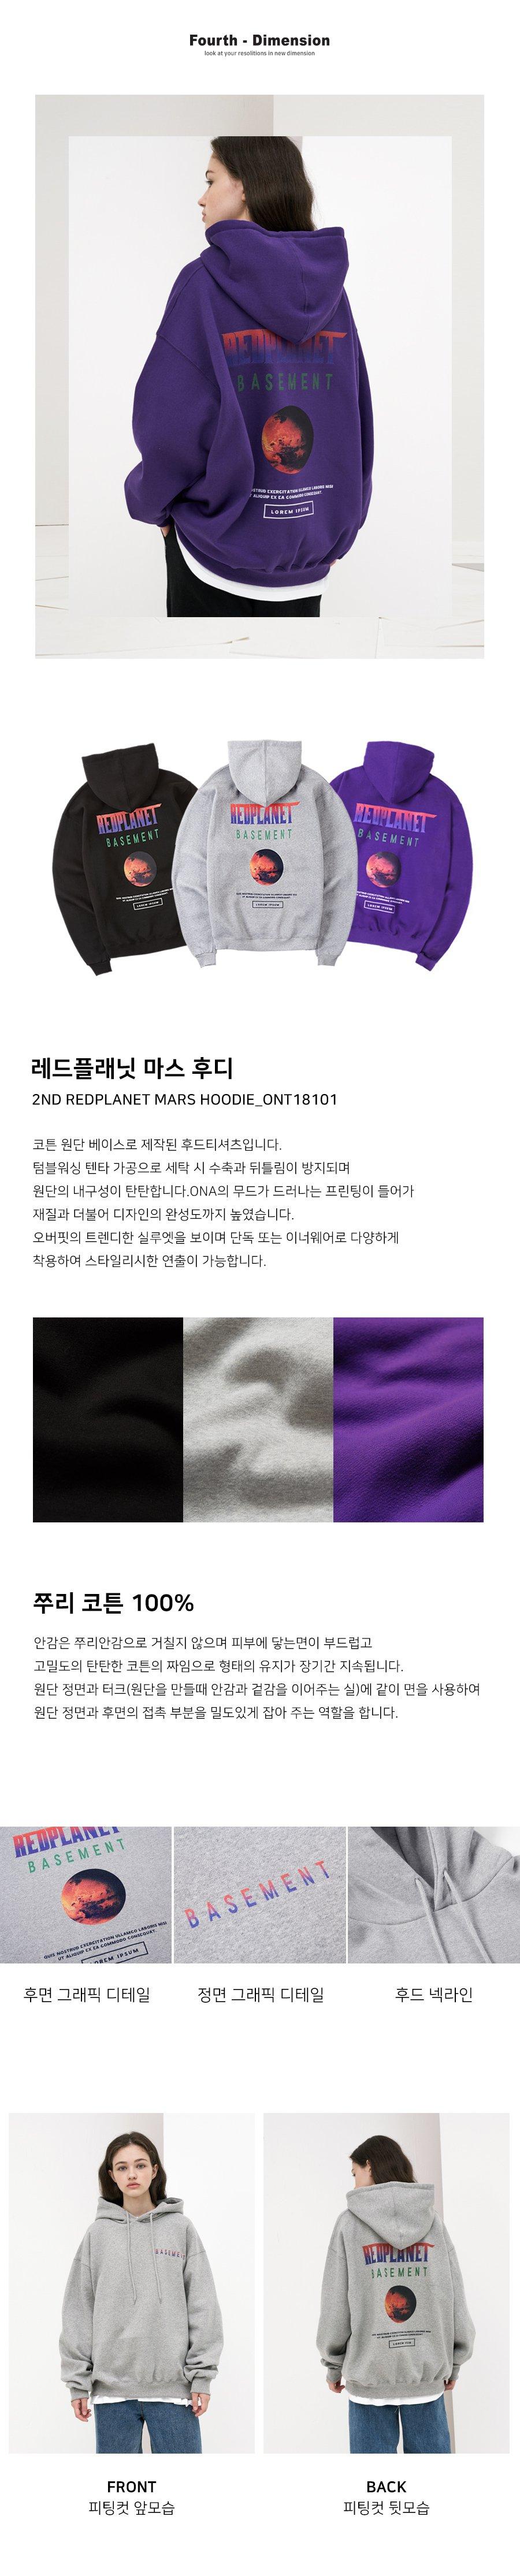 오앤에이(ONA) 2ND 레드플래닛 후드[퍼플]